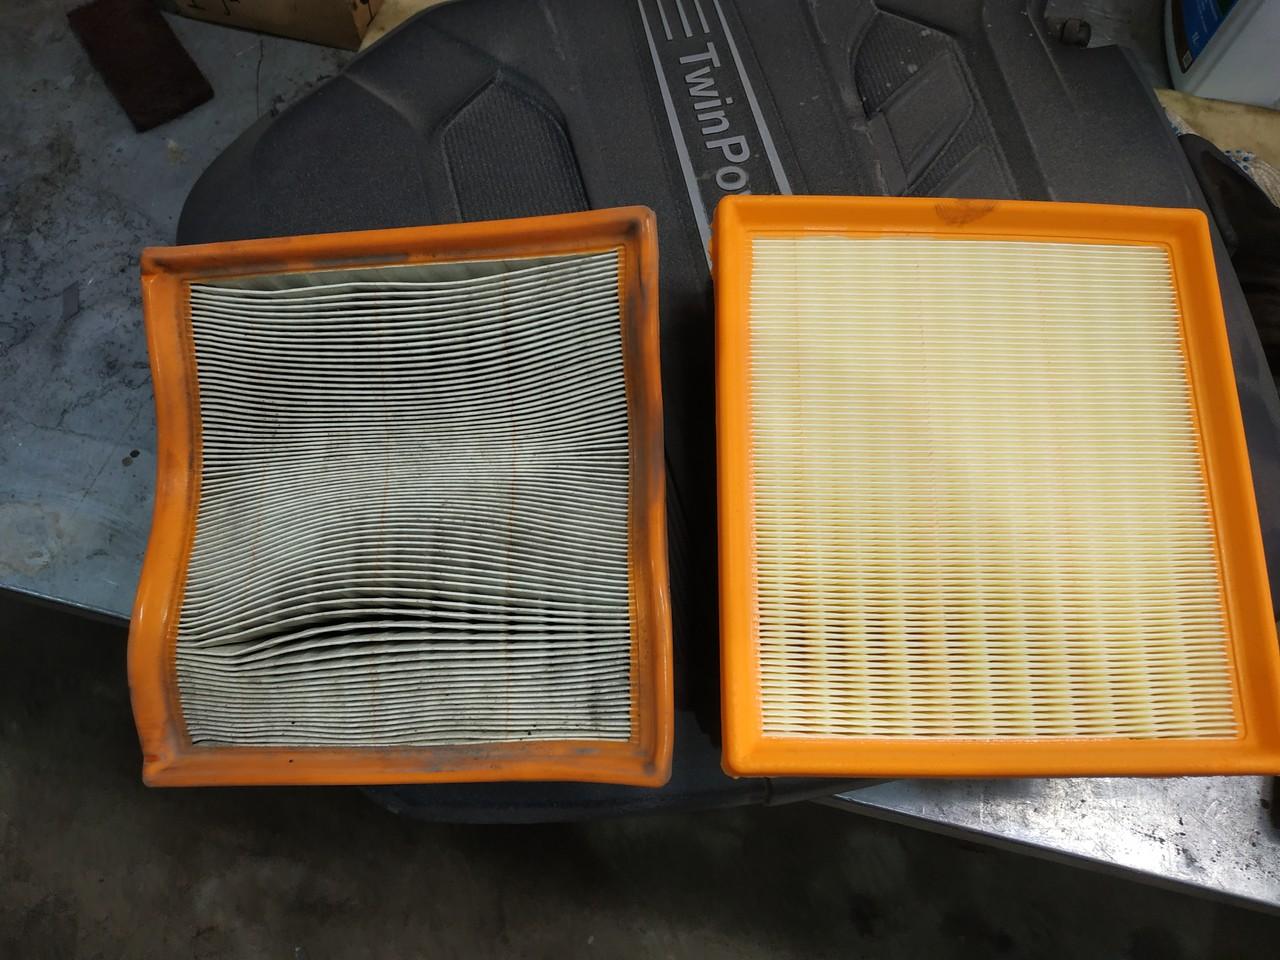 новый и старый воздушные фильтры